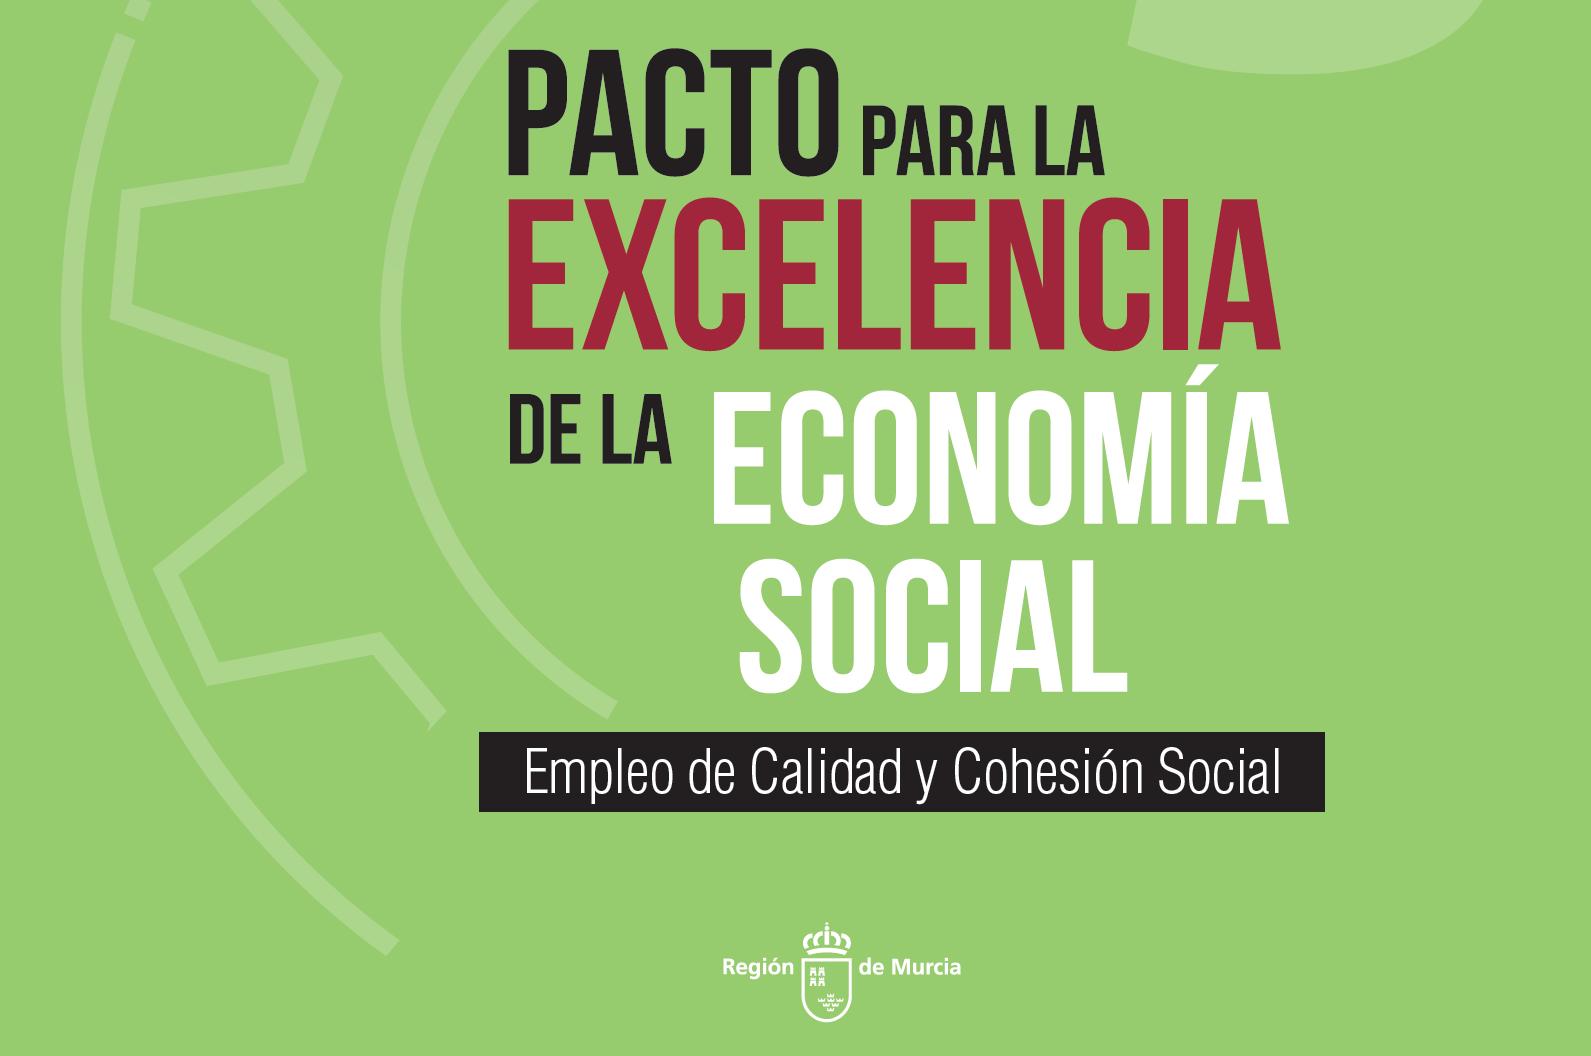 pacto para la excelencia de la economia social